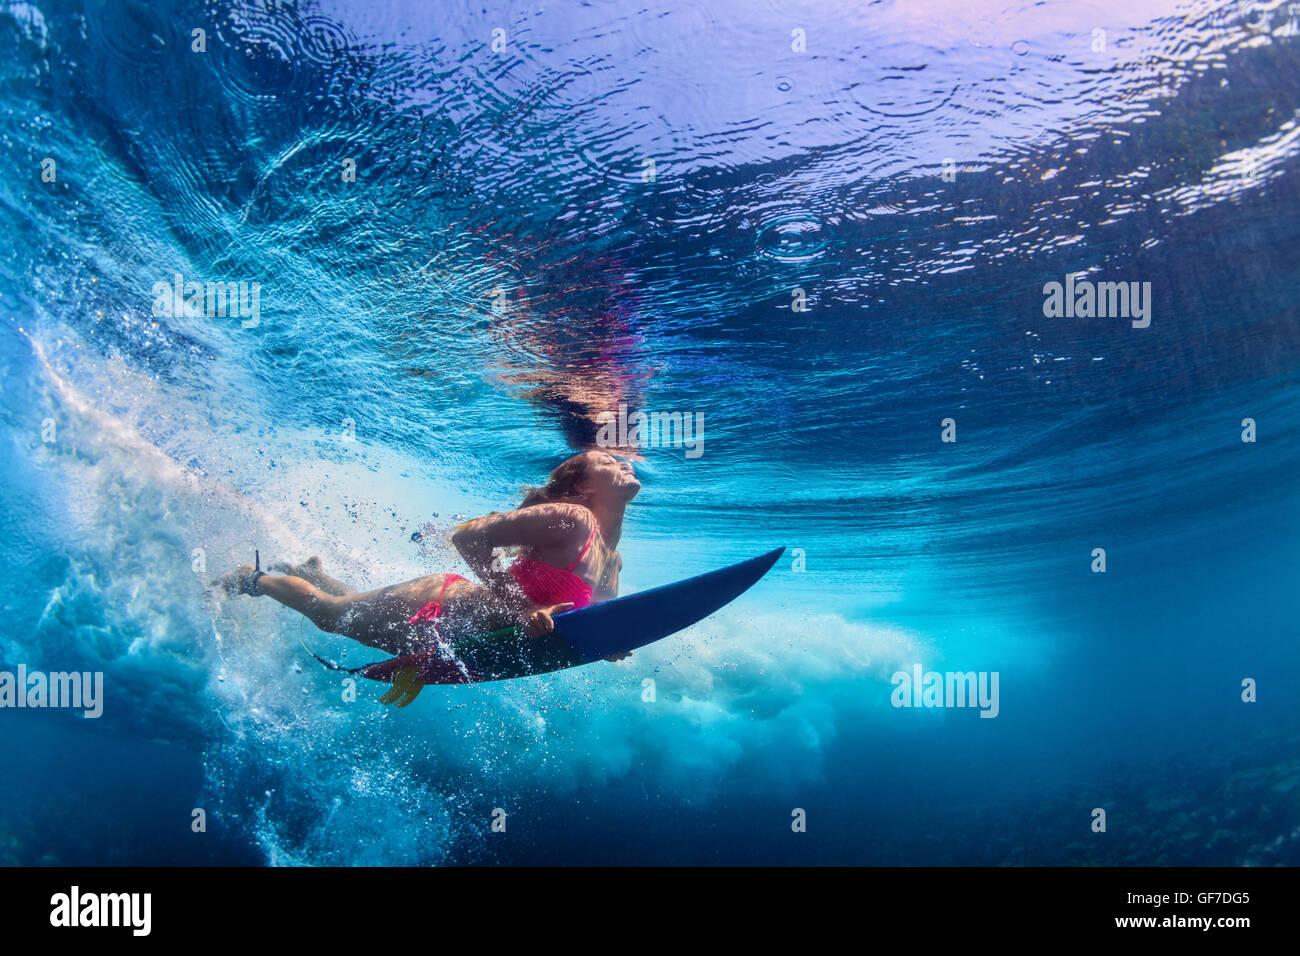 Jeune active girl wearing bikini en action - surfer avec planche de surf sous-marine Plongée sous les grandes Photo Stock